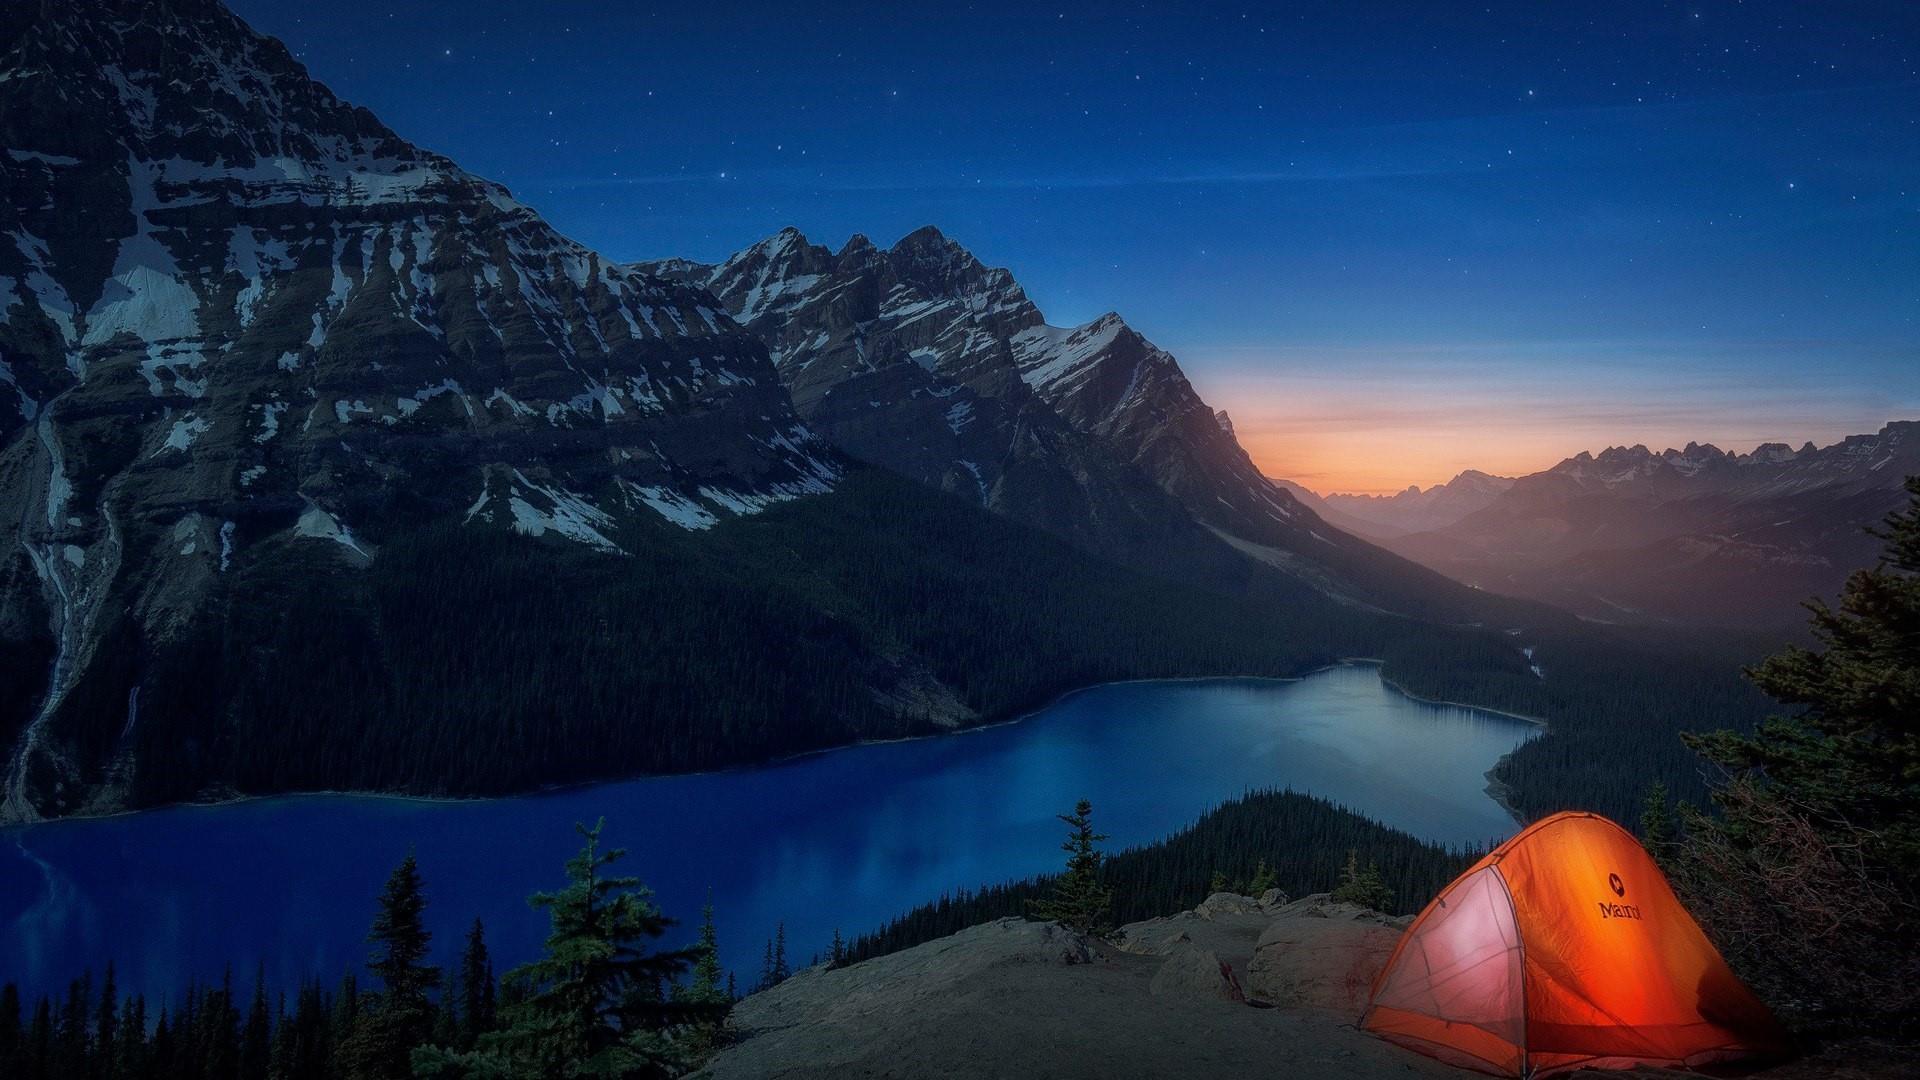 Peyto Lake at night (Banff National Park) wallpaper